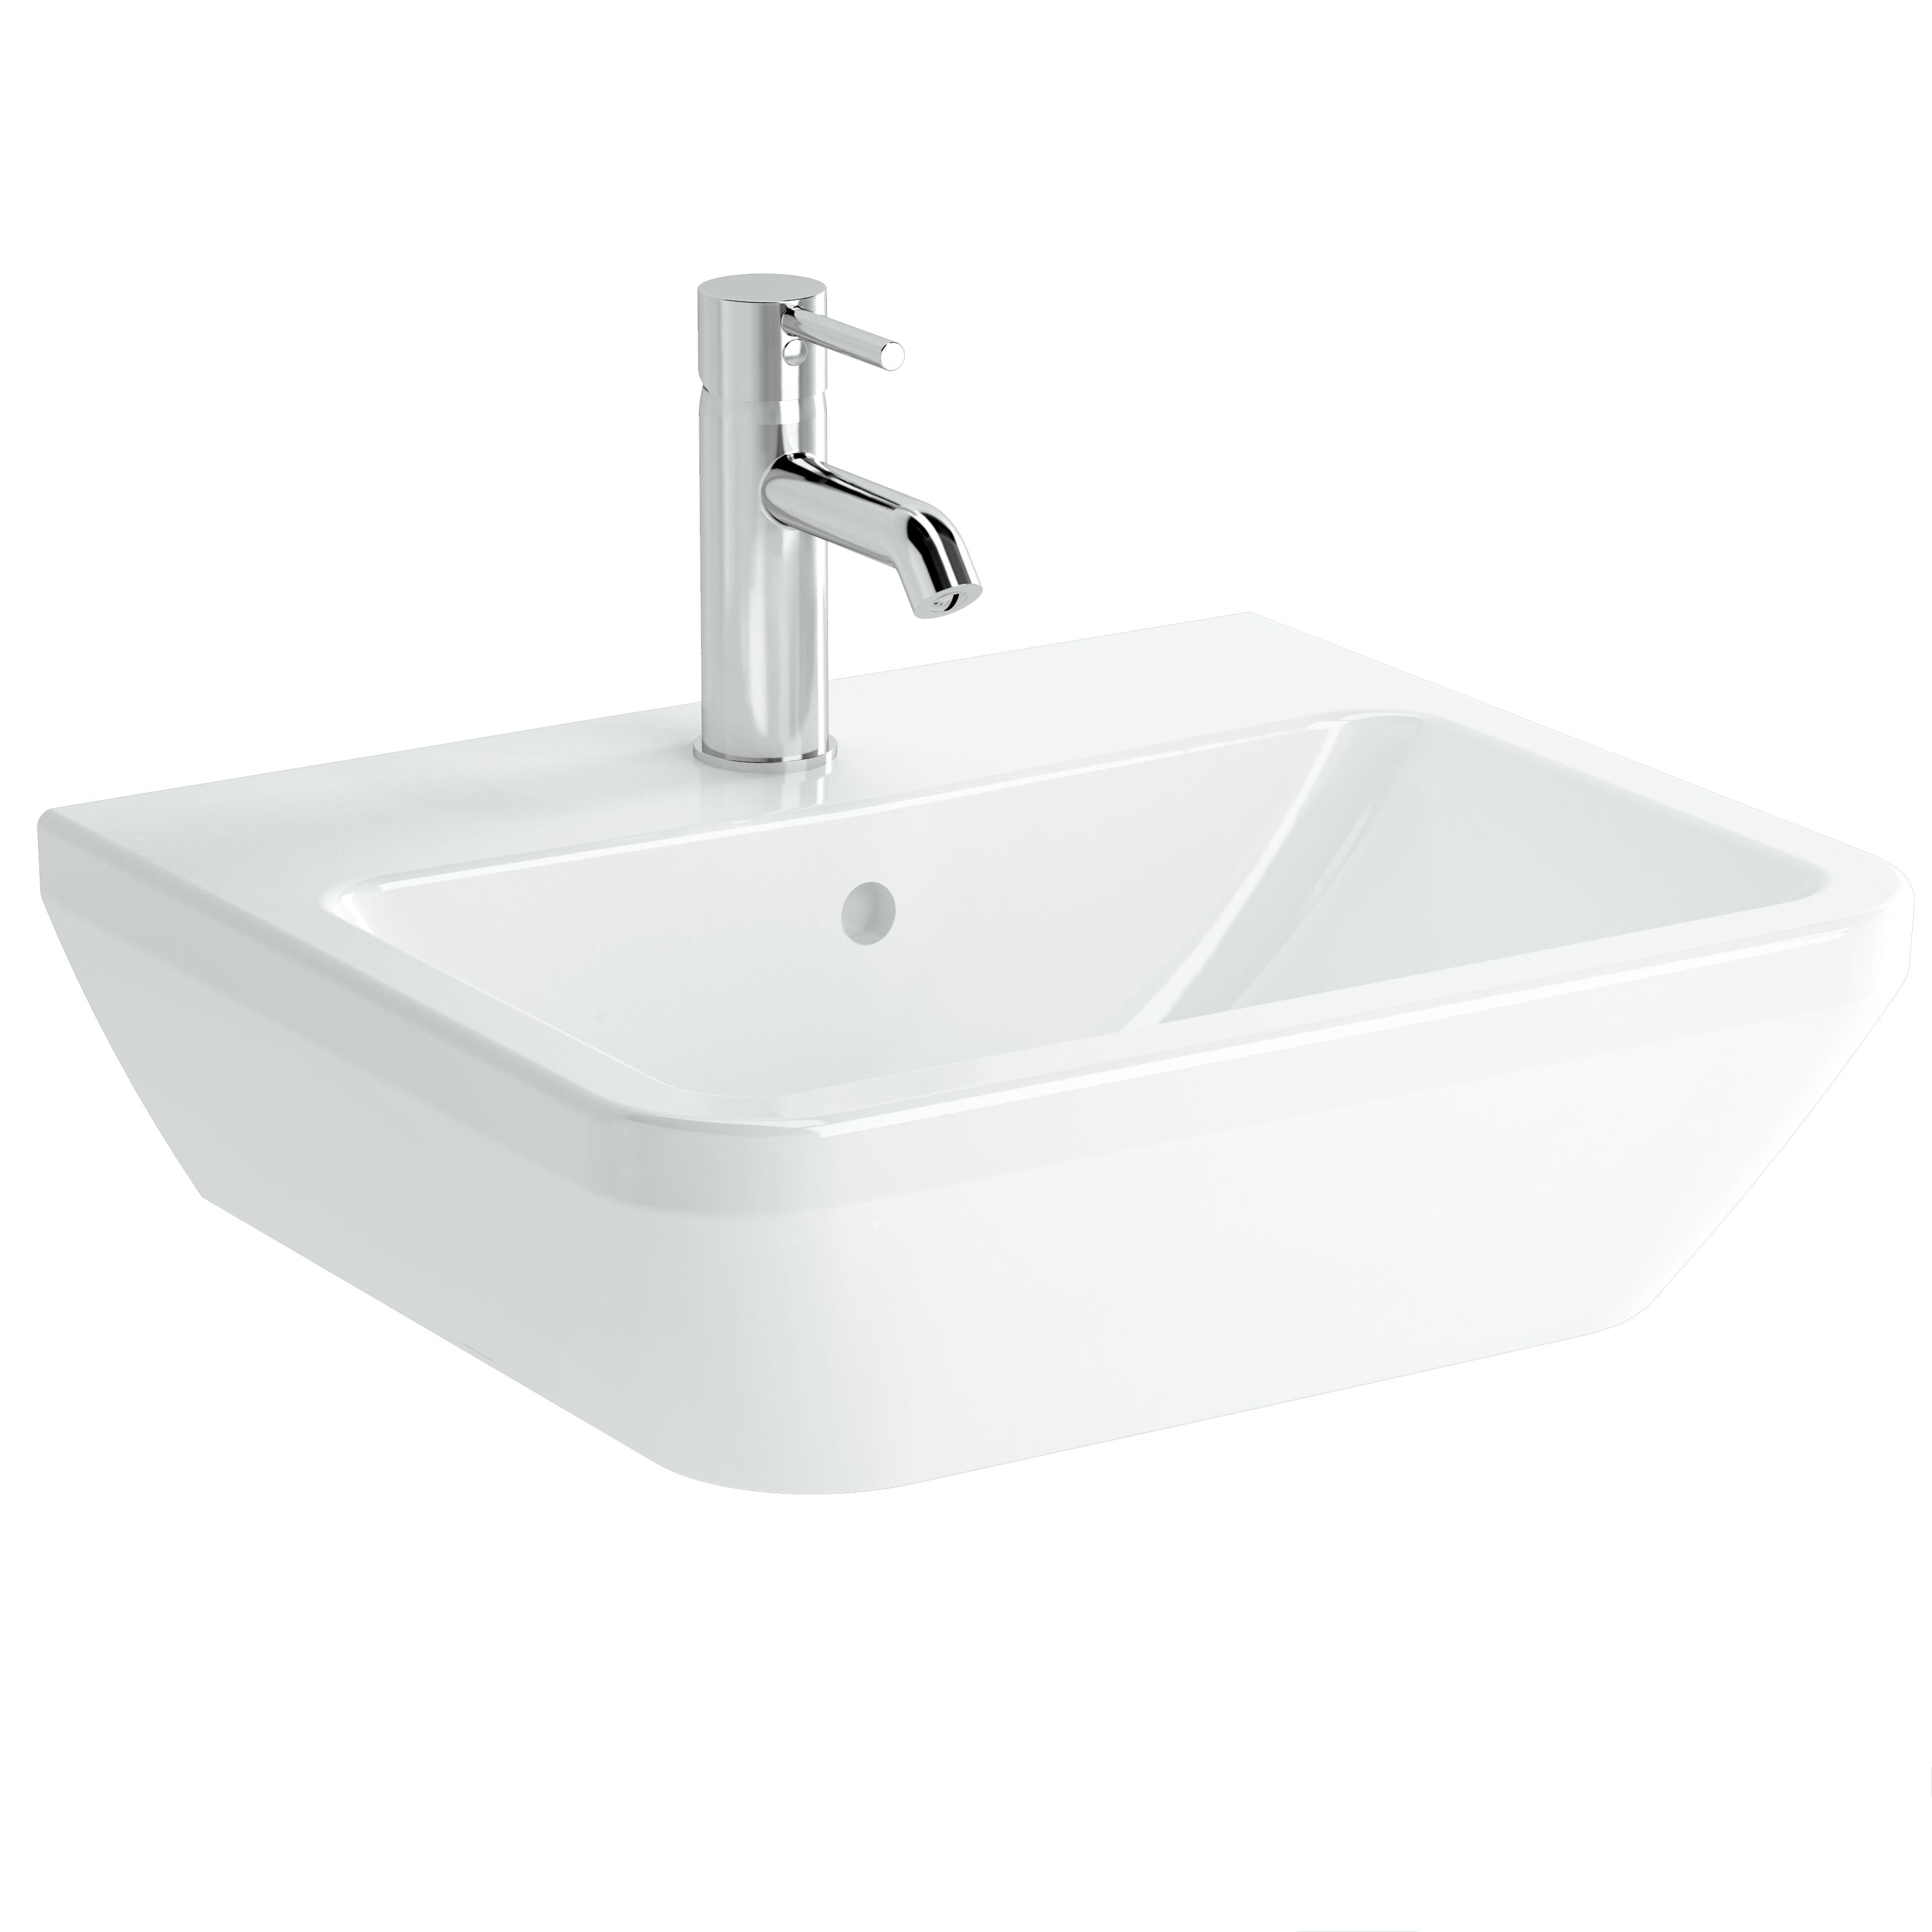 Integra Waschtisch, 50 cm, eckig, mit Hahnloch, mit Überlaufloch, Weiß, VitrA Clean